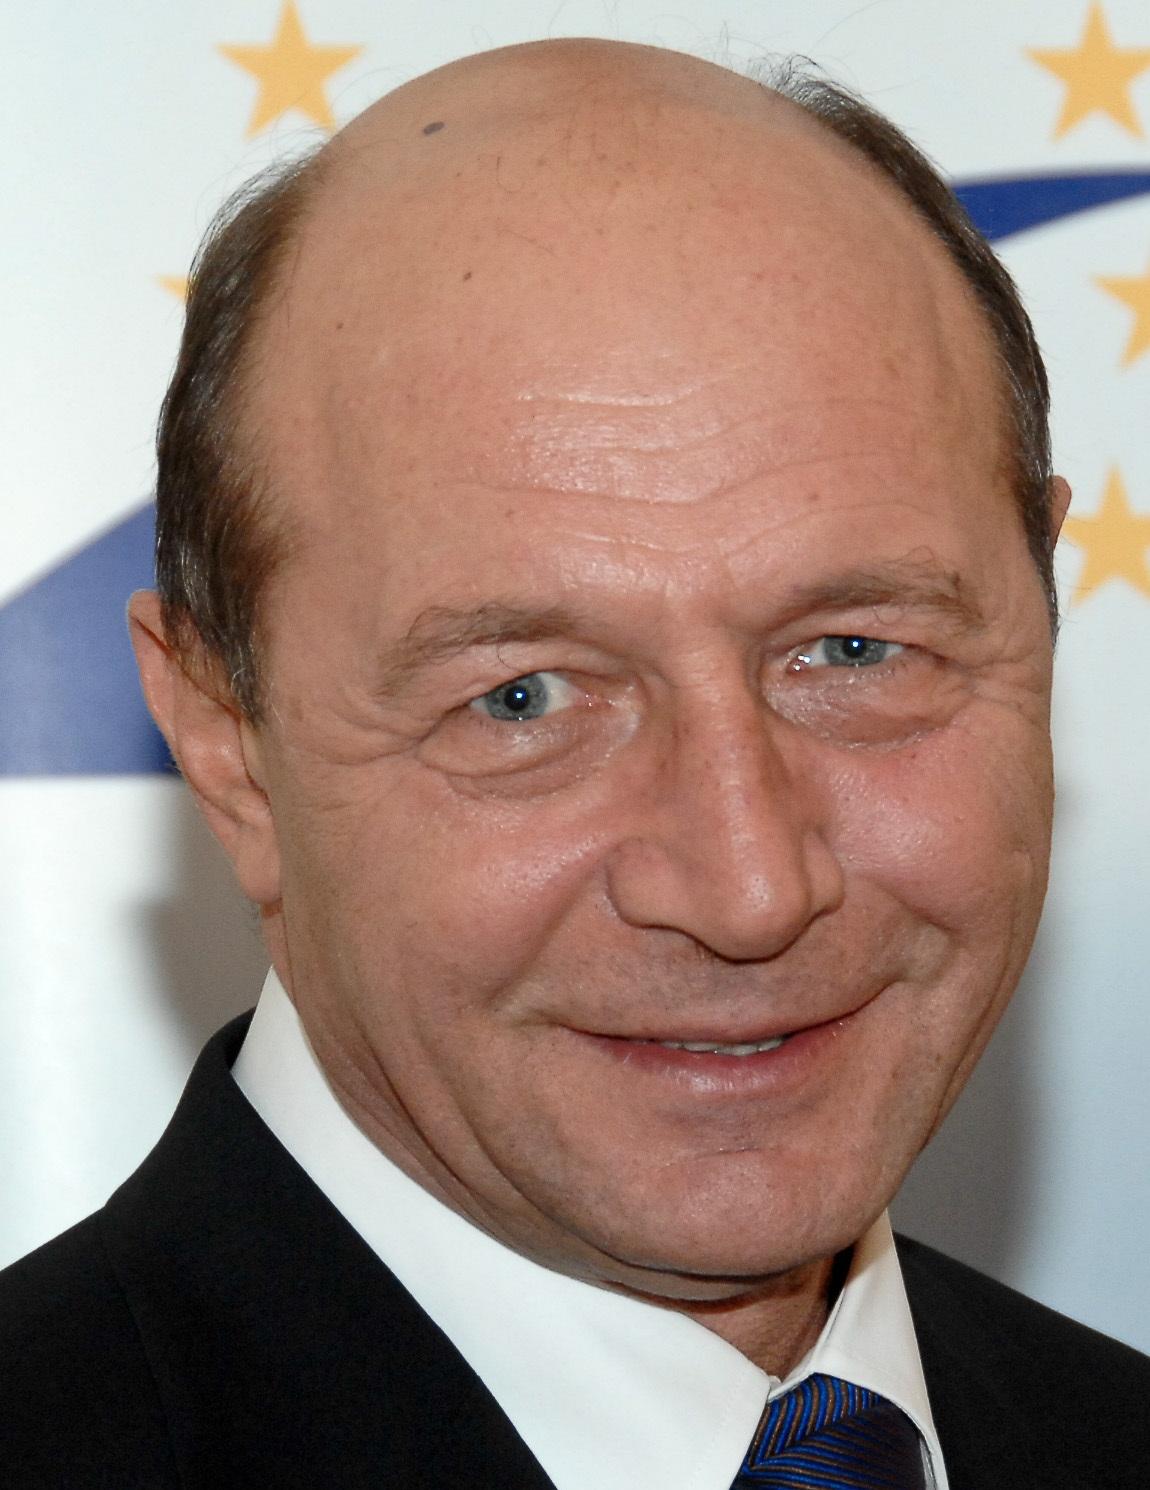 Traian Basescu Biography, Traian Basescu's Famous Quotes ...  |Traian Basescu